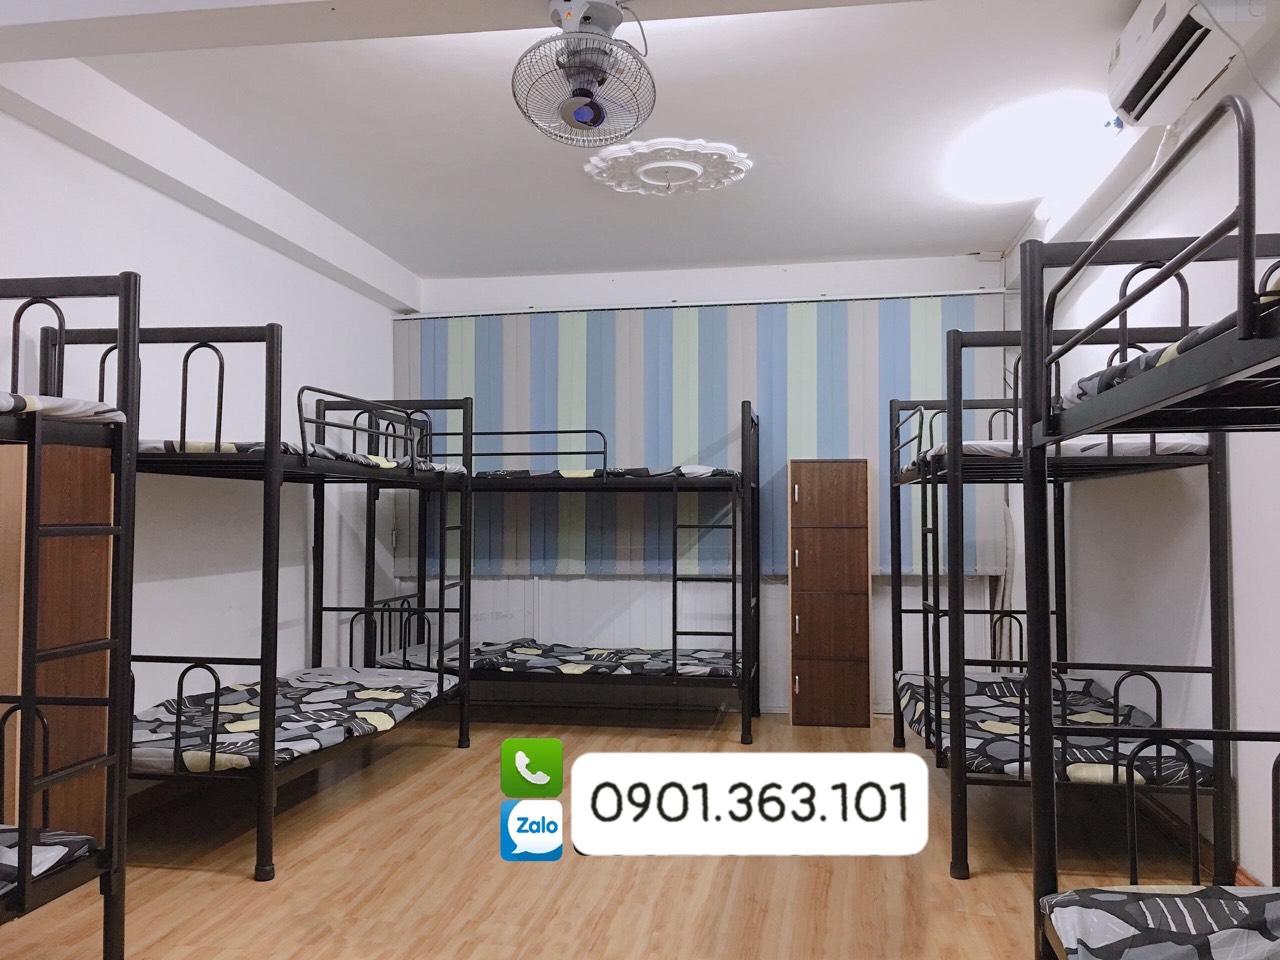 Giường sắt tầng sinh viên giá rẻ - Nội thất Tứ Hưng